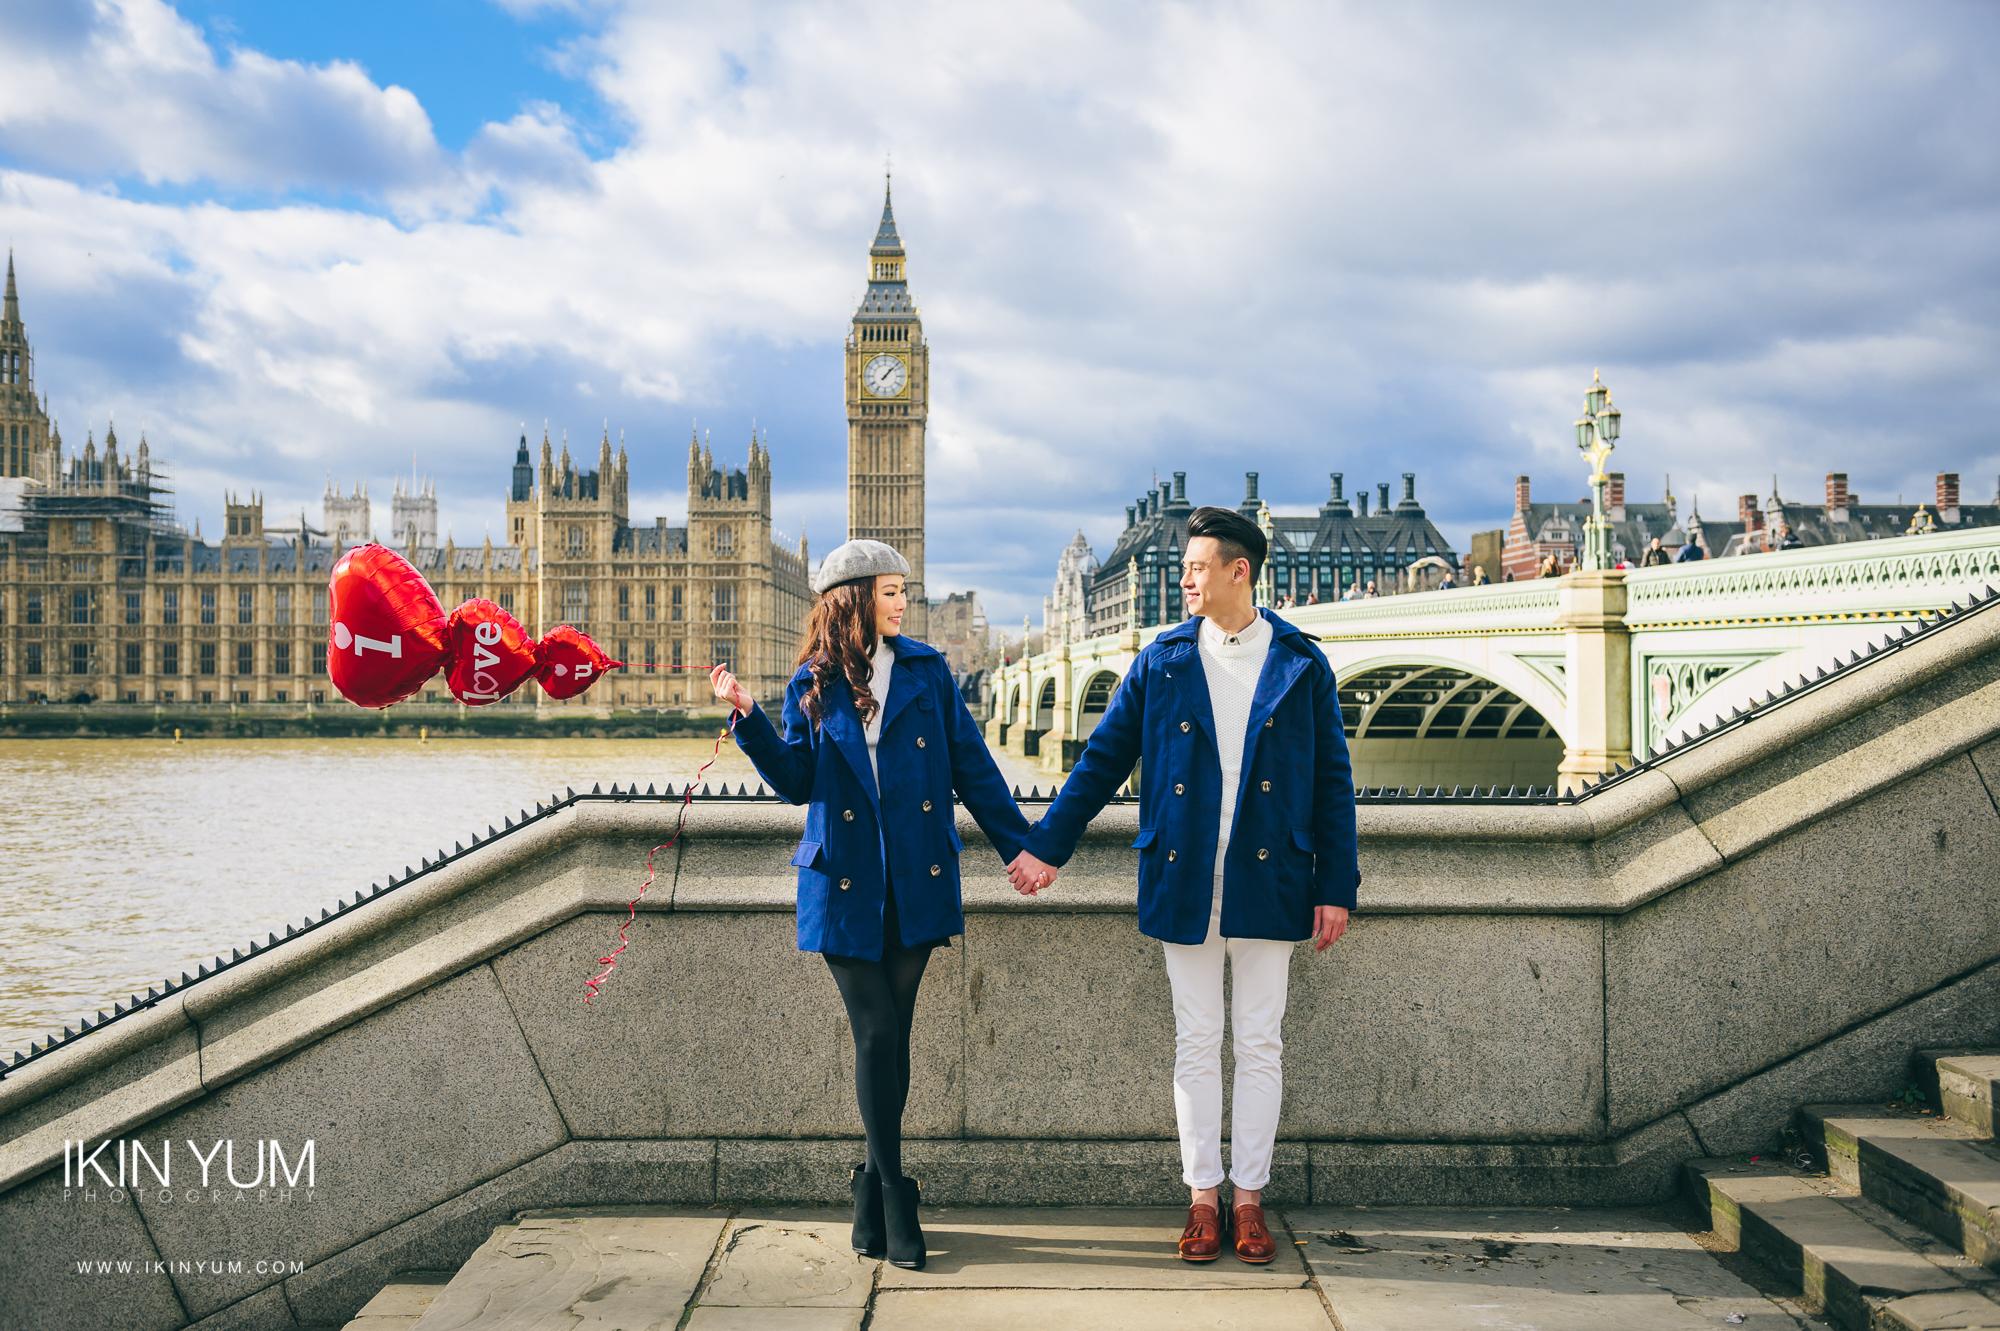 Pre-Wedding Shoot London Zann + Danny - Ikin Yum Photography-005.jpg